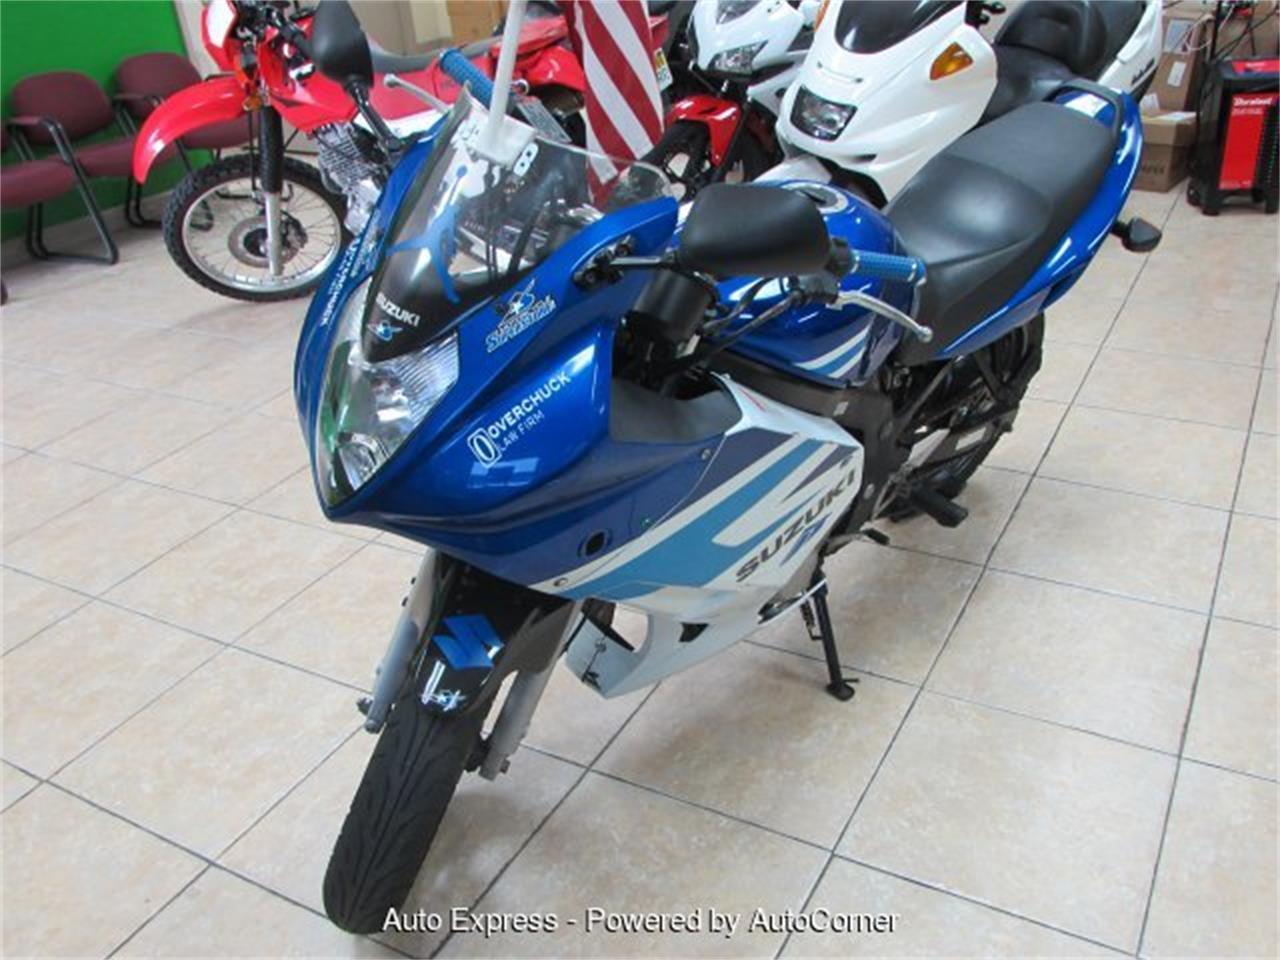 Suzuki Motorcycles For Sale >> 2005 Suzuki Motorcycle For Sale In Orlando Fl